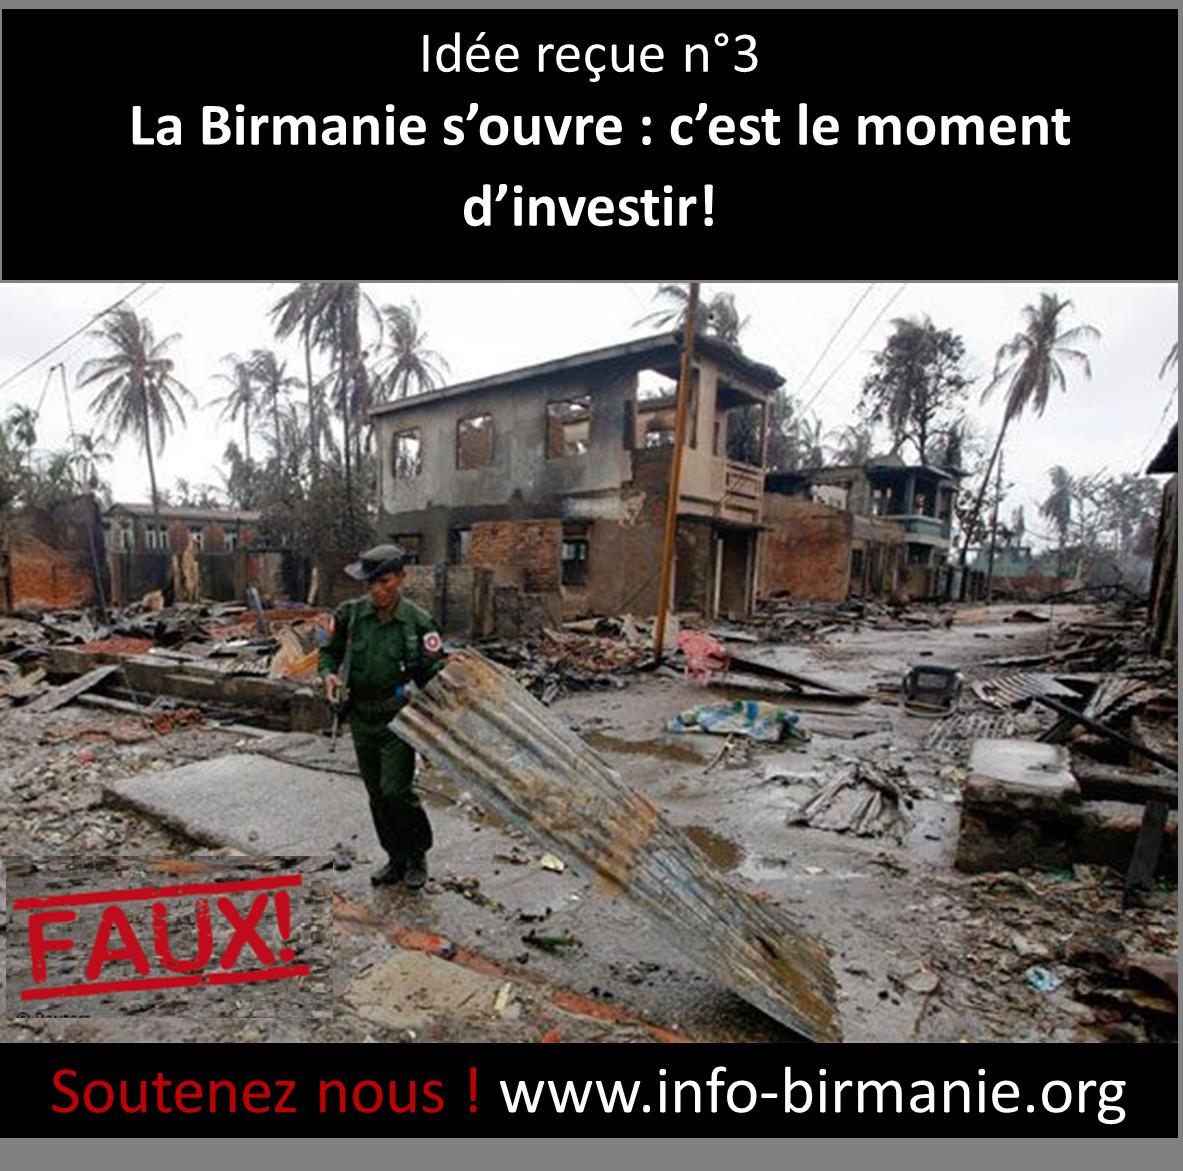 idée reçue n°3 : La Birmanie s'ouvre c'est le moment d'investir!